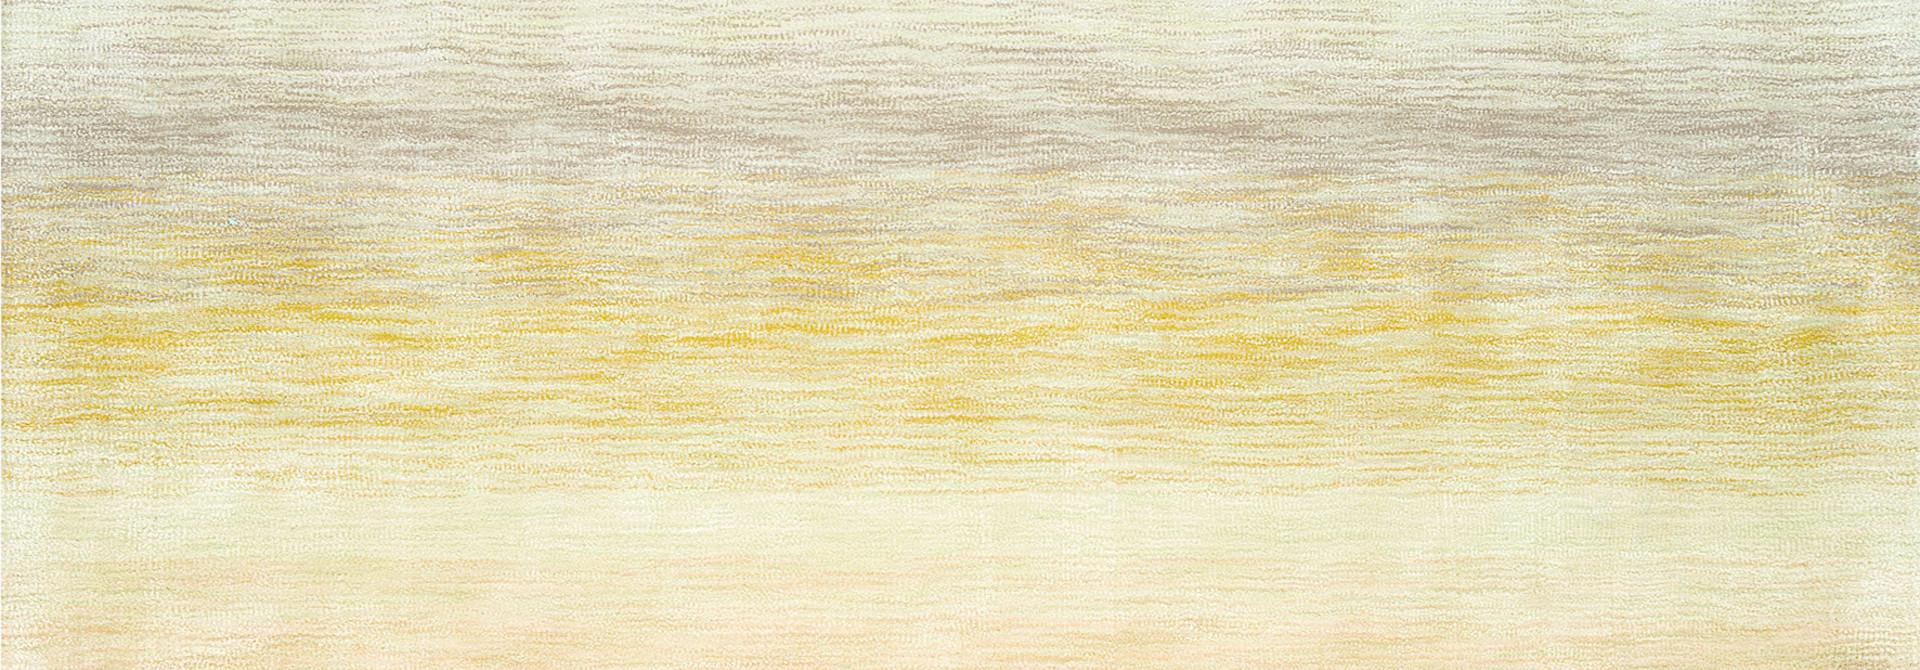 Vloerkleed Desert 700 170x240cm